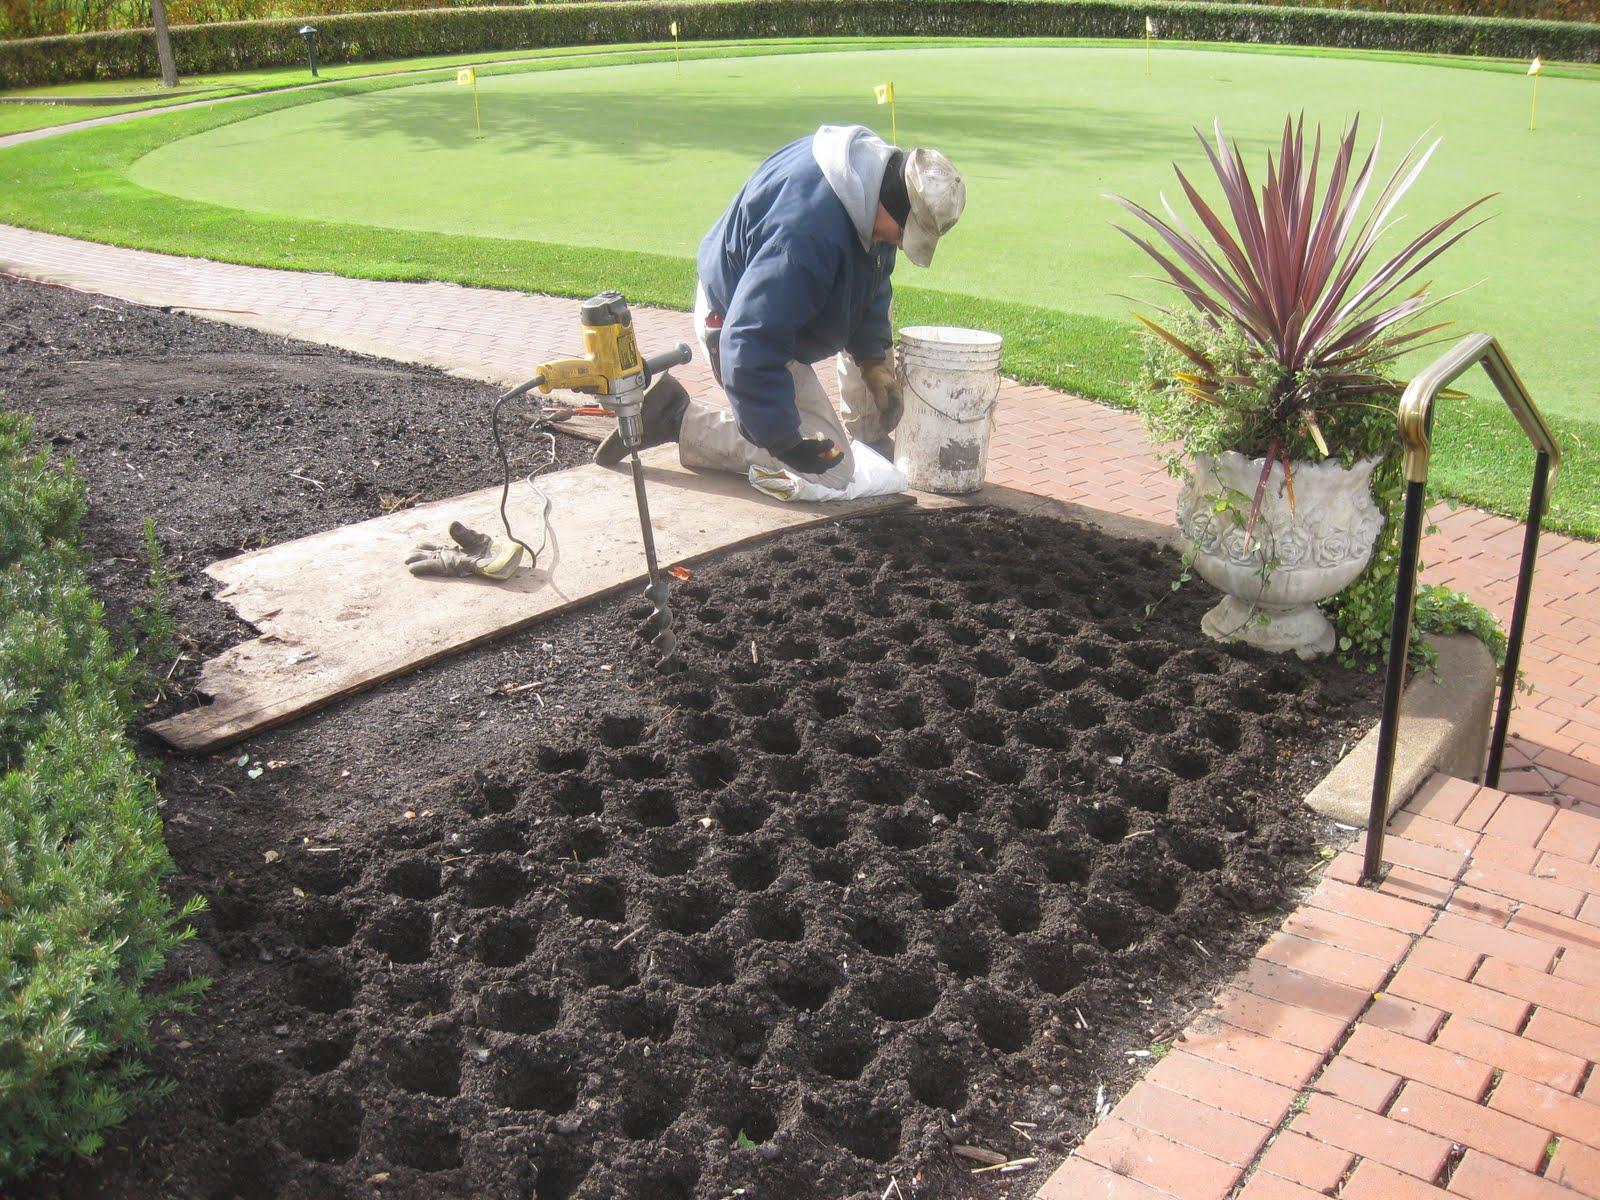 garden design garden design with grow tulips indoor from seeds